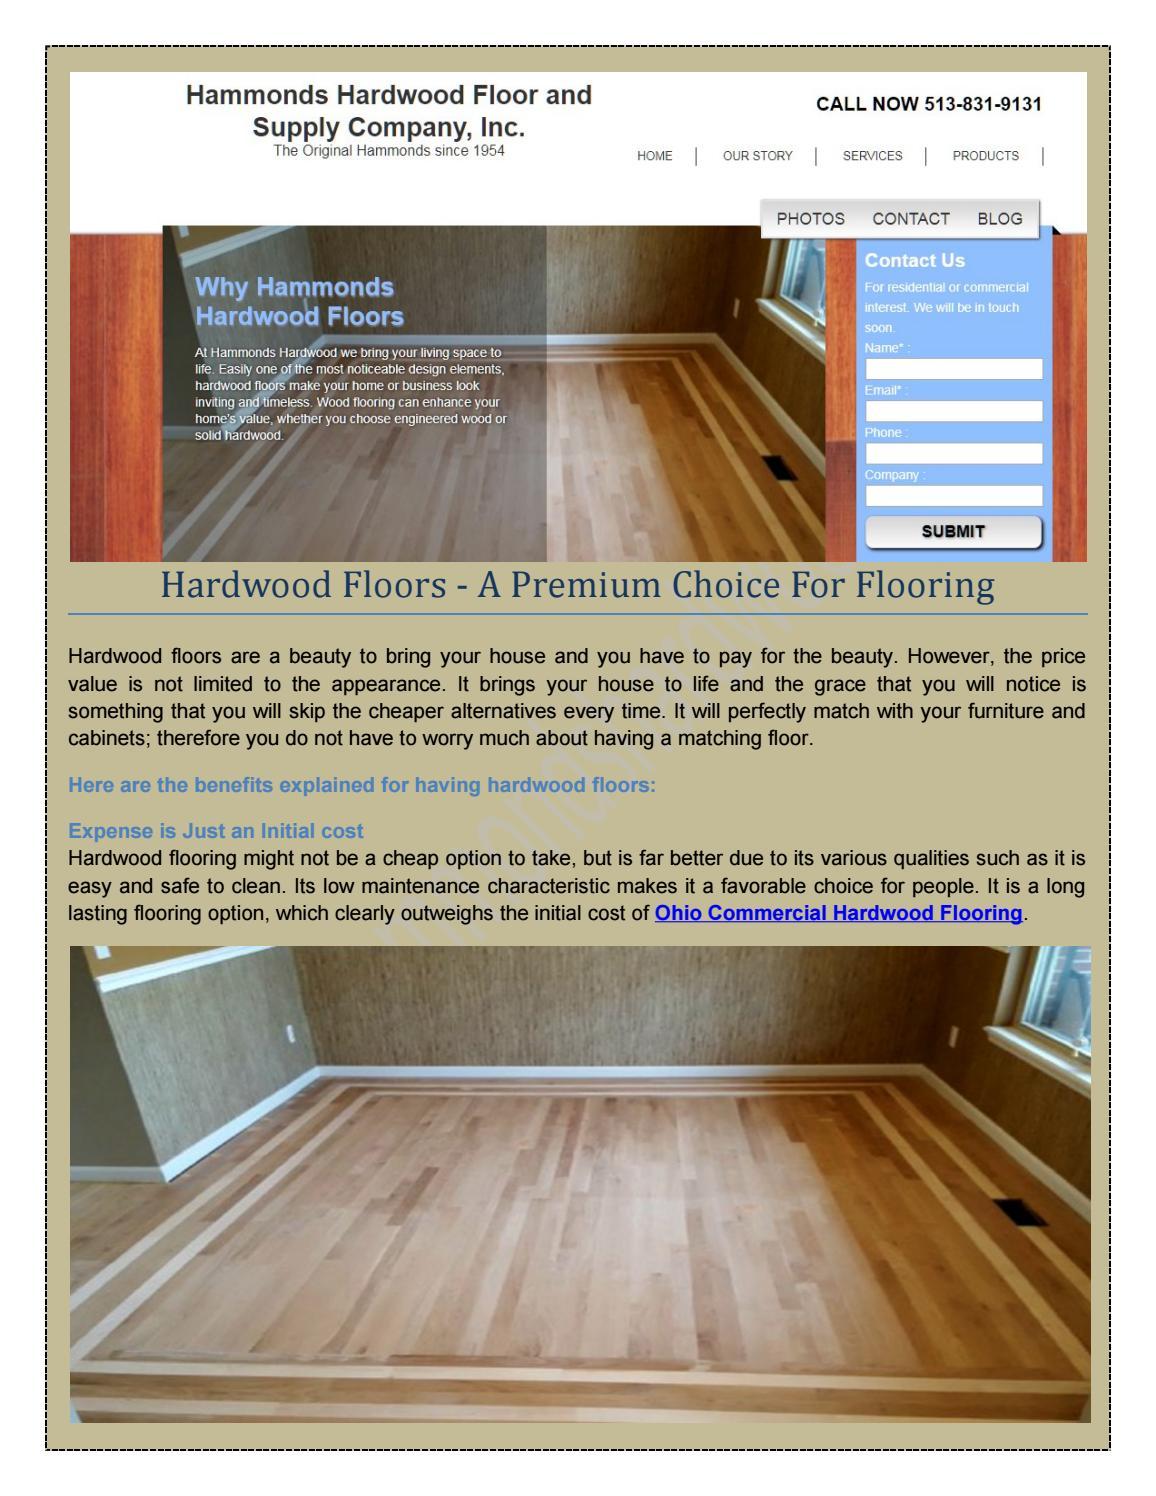 You Can Get The Best Install Hardwood Flooring In Cincinnati